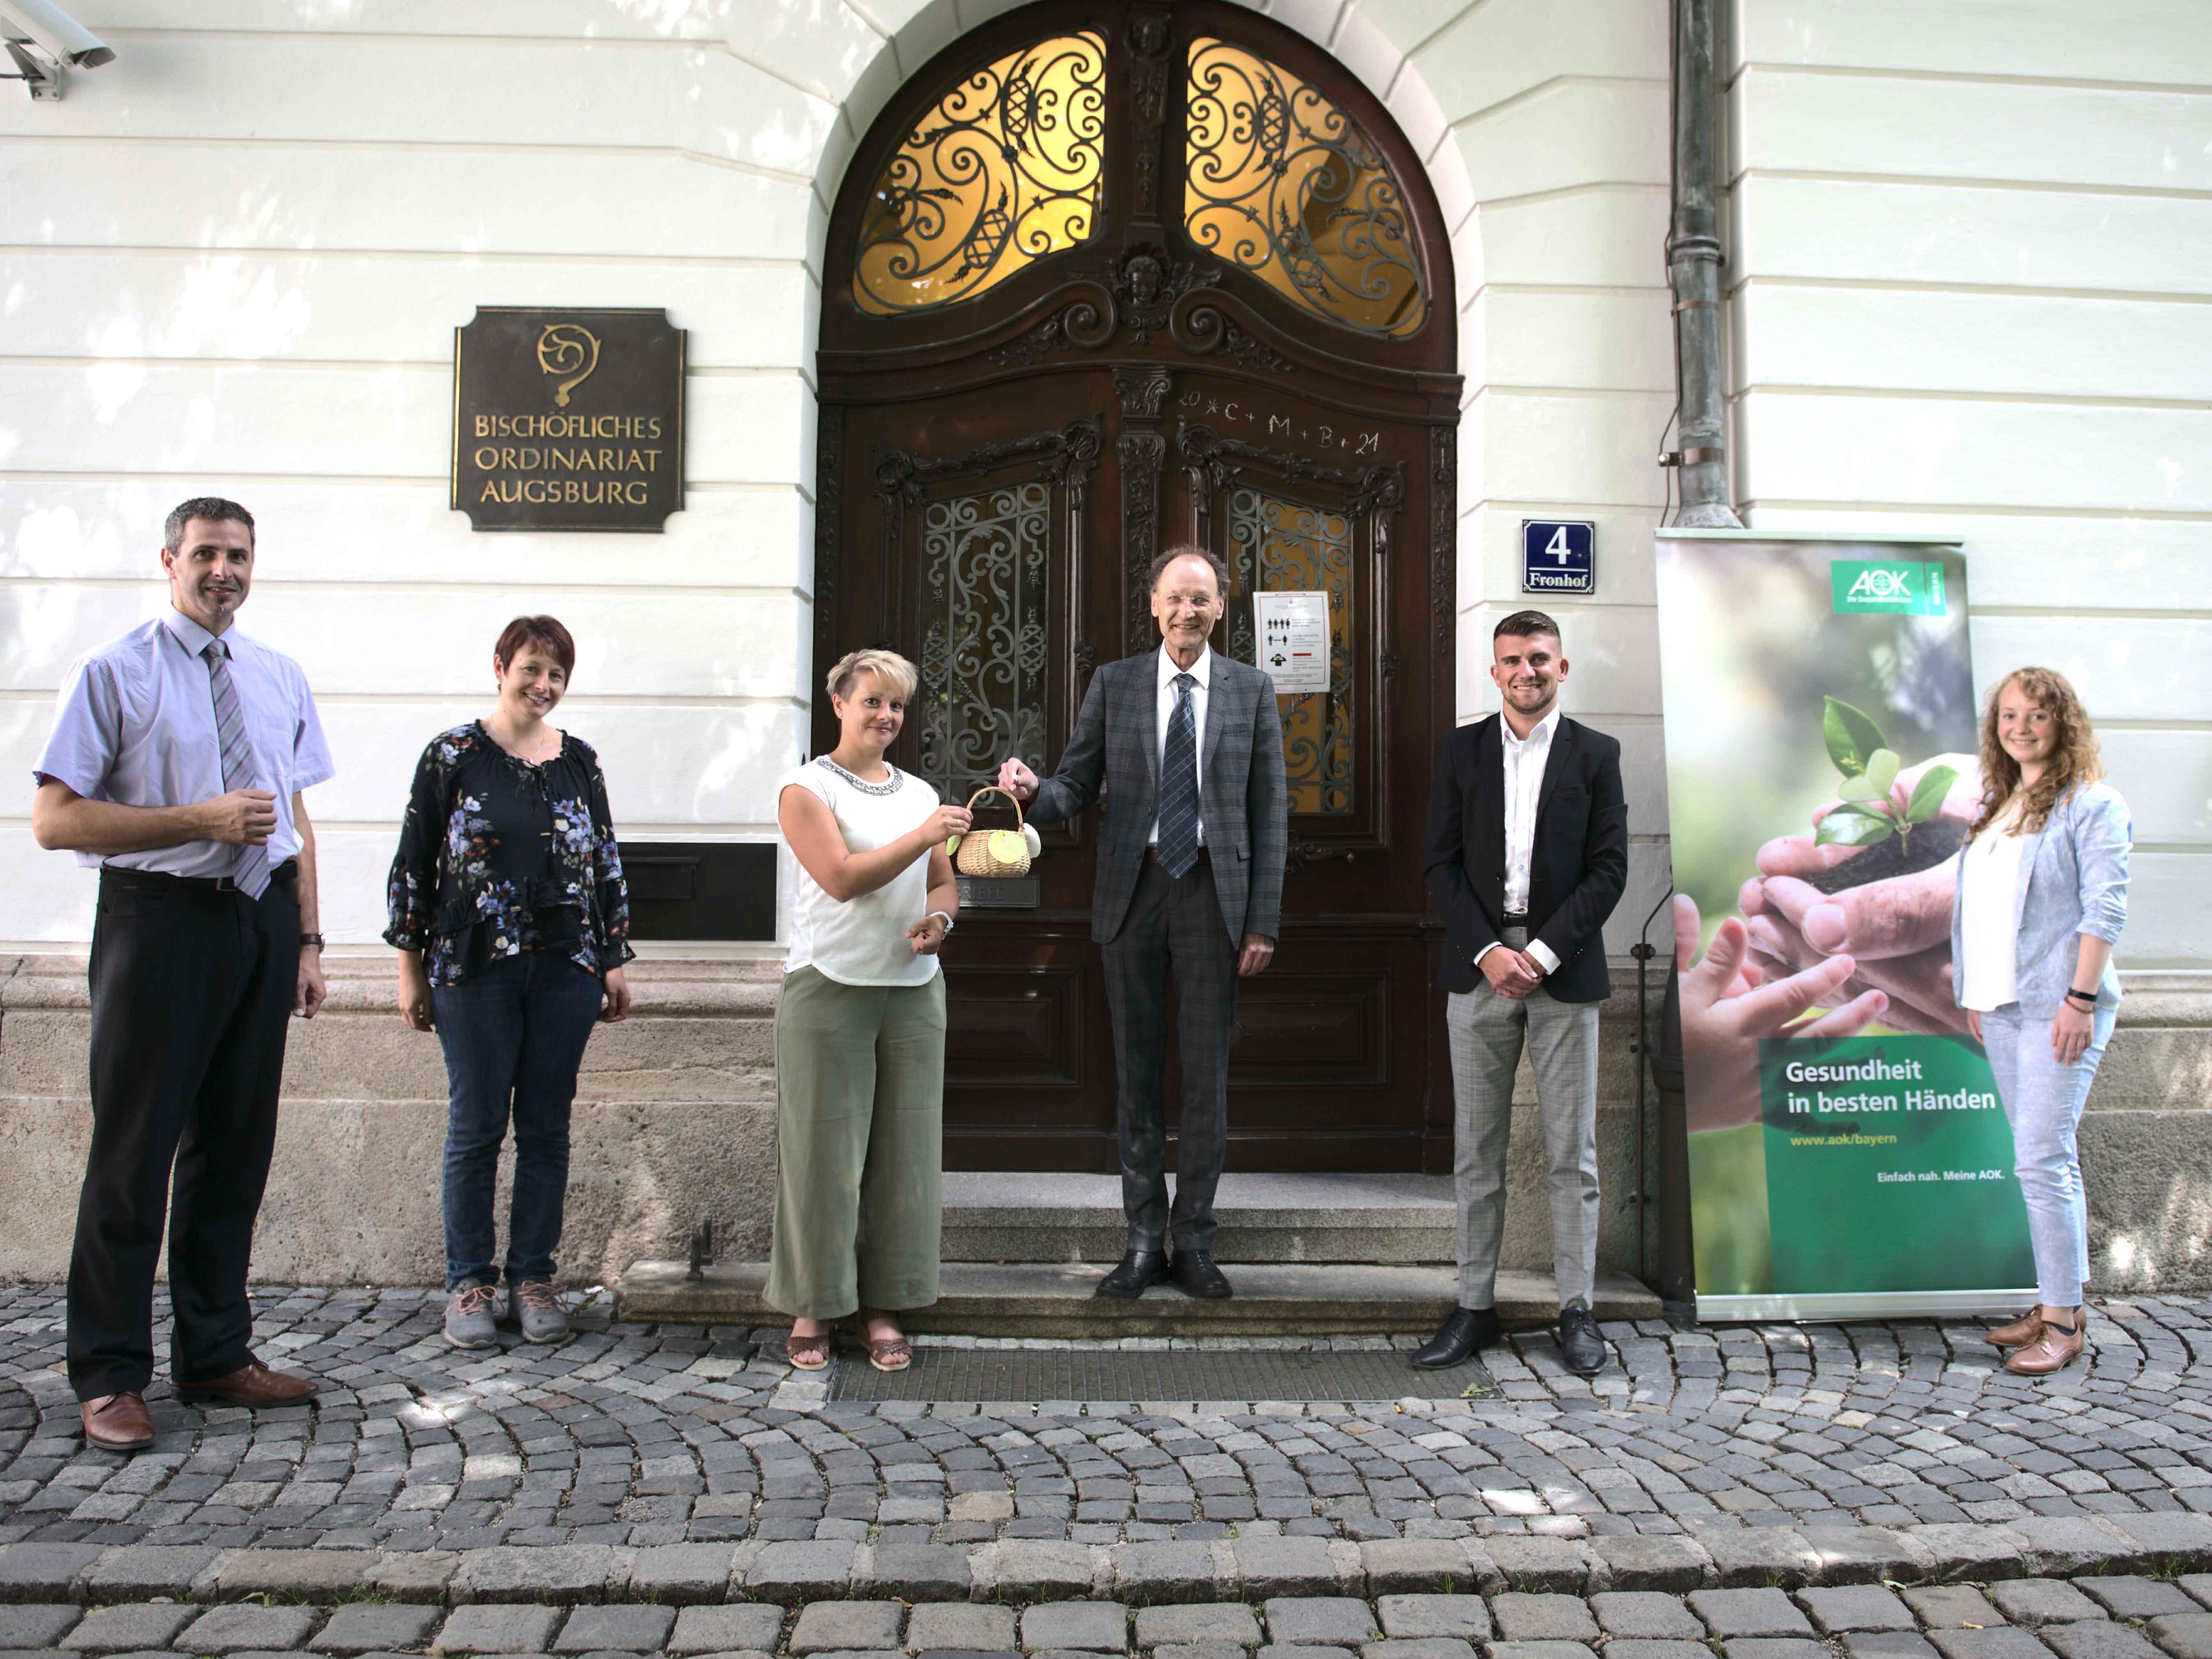 Generalvikar Dr. Wolfgang Hacker hat per Losziehung die Gewinner des Gesundheitstags ermittelt. Neben dem Projektteam waren auch Mitarbeiter der AOK Bayern dabei (Maria Steber / pba).